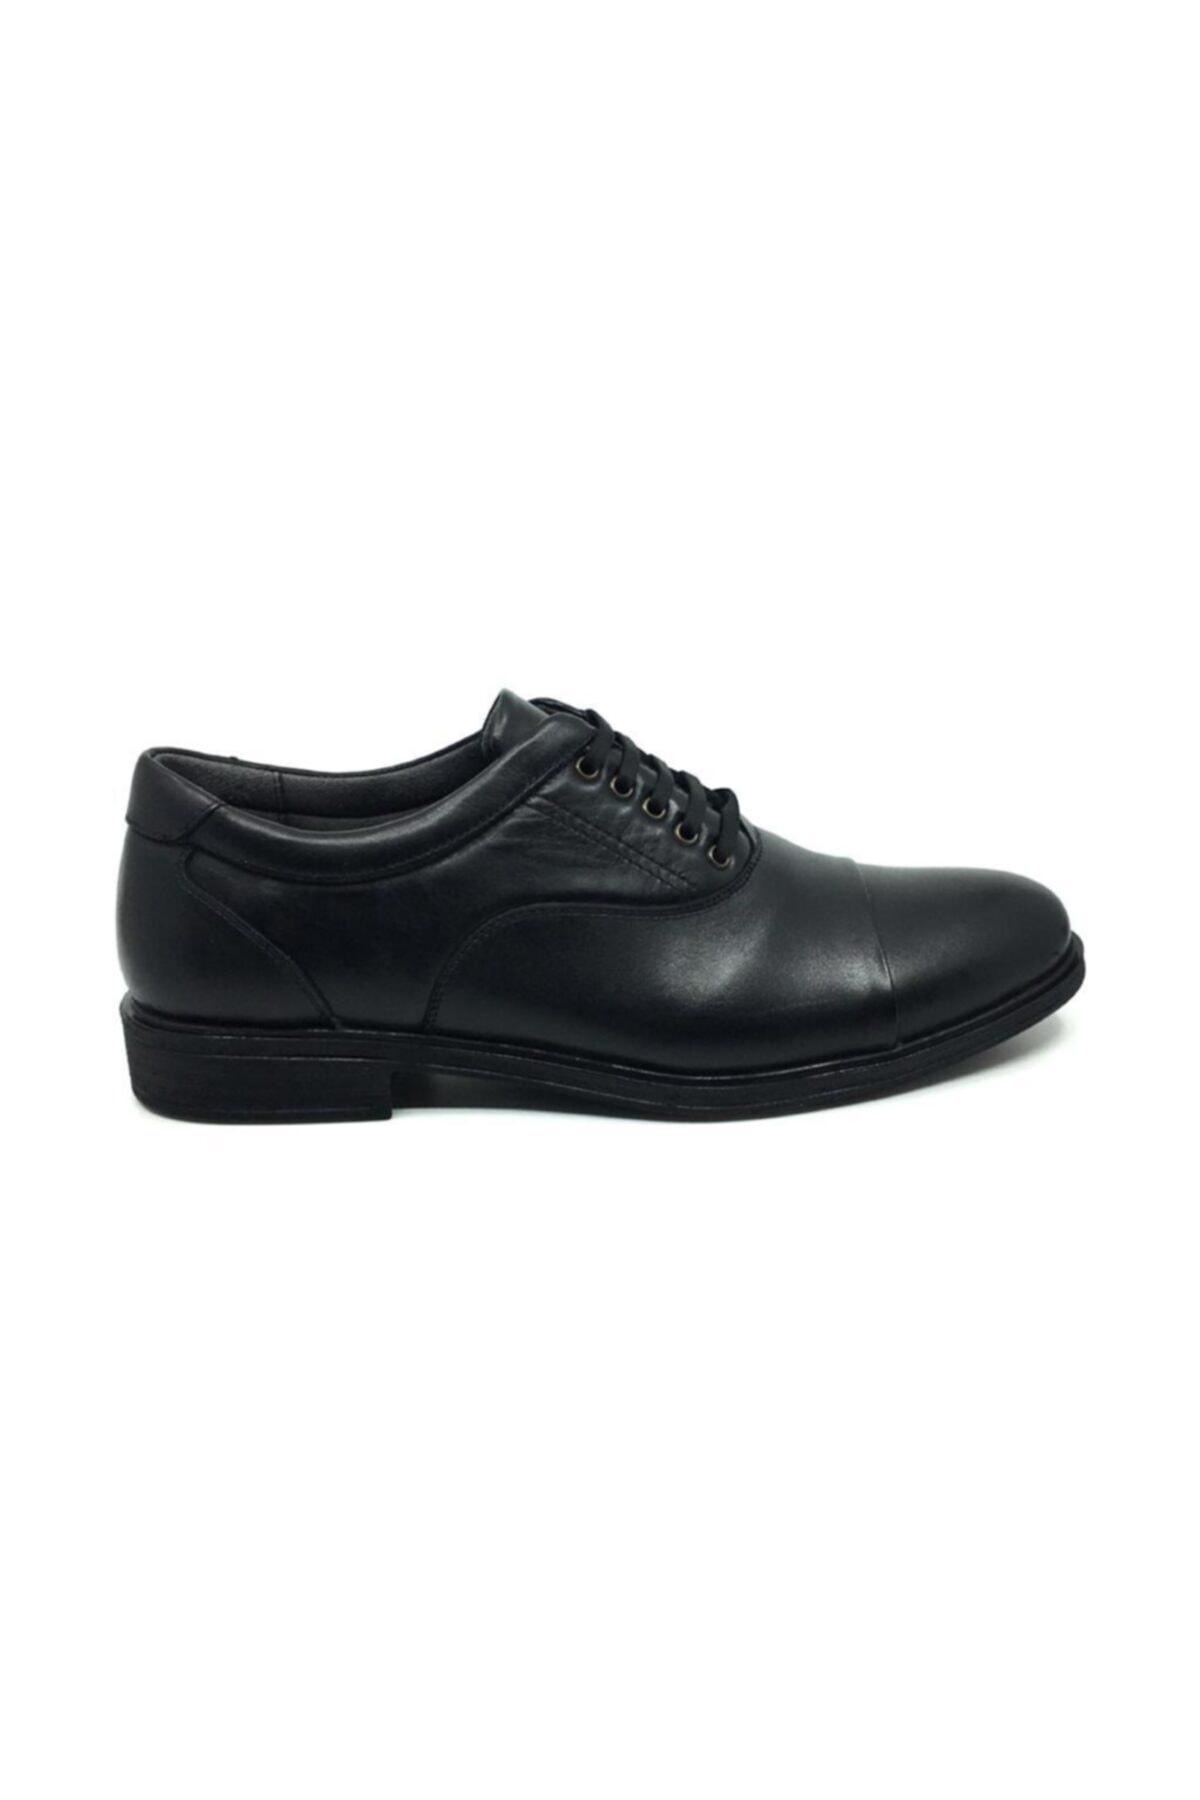 Taşpınar Erkek Siyah Kışlık Rahat Klasik Ayakkabı 2